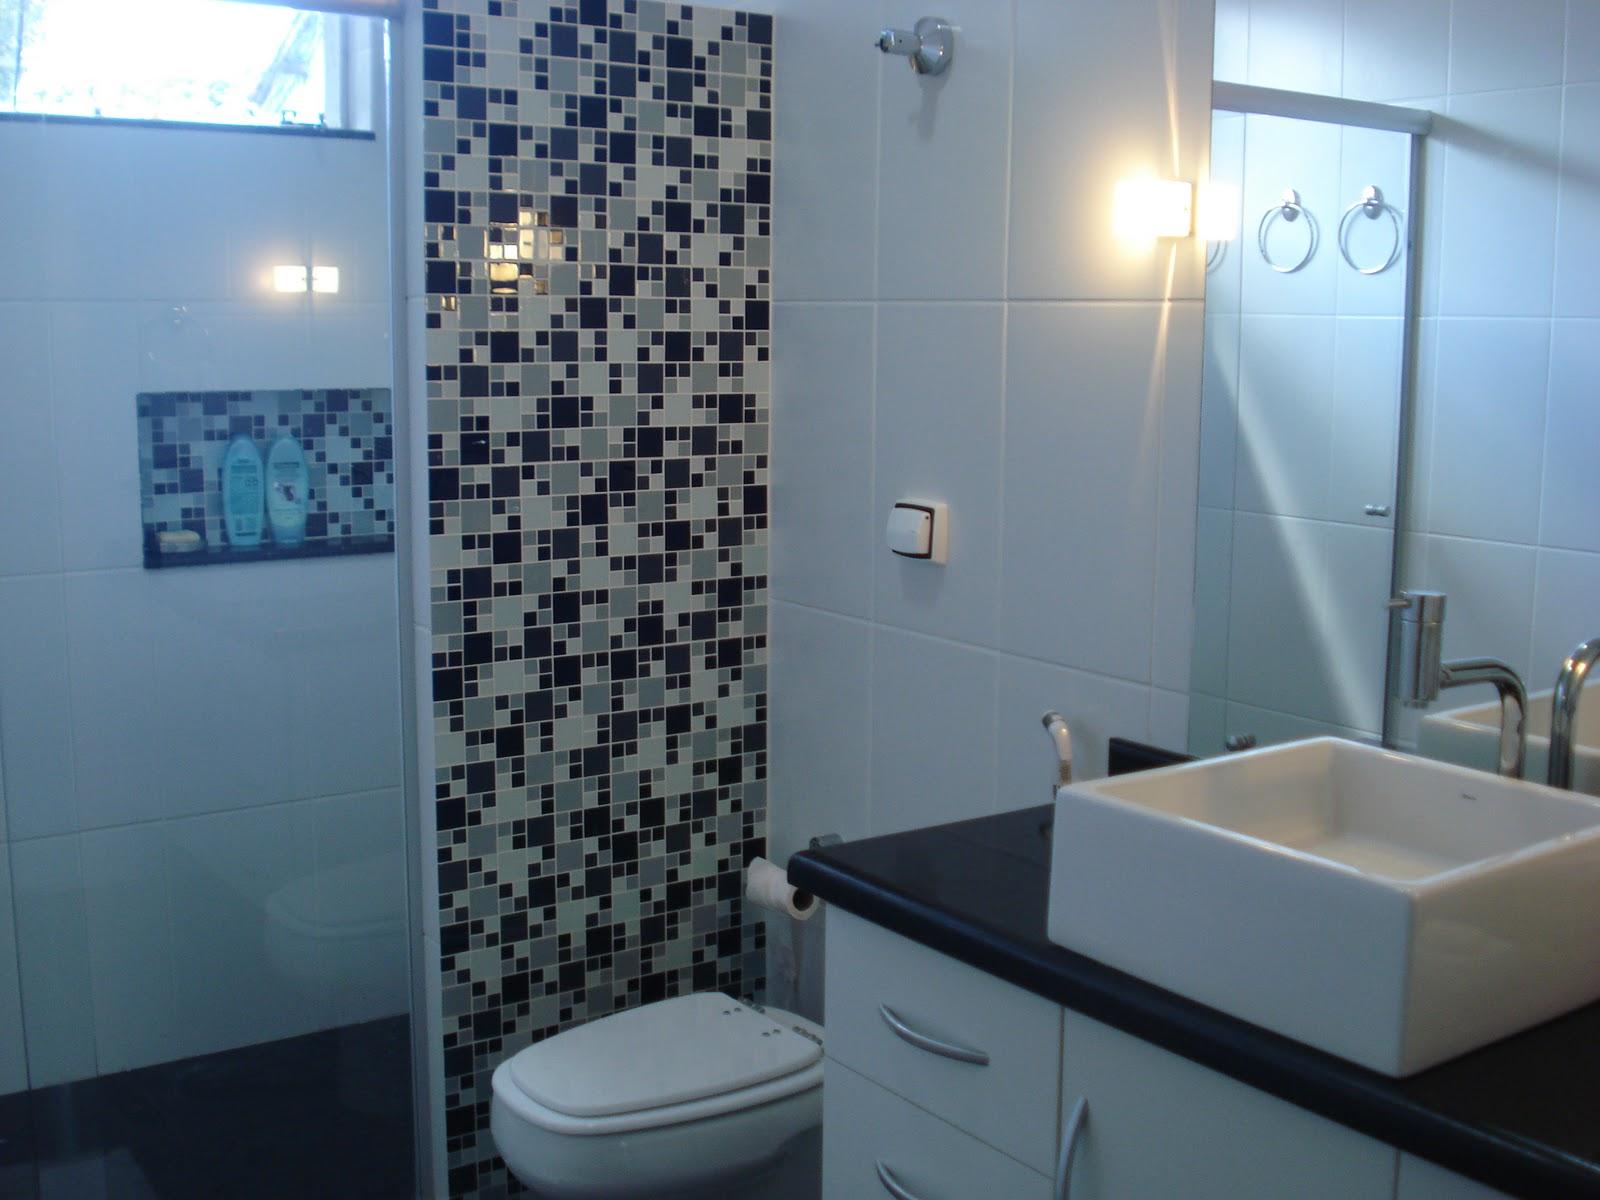 Banheiros com pastilhas pretas e brancas Decorando Casas #3A6991 1600 1200